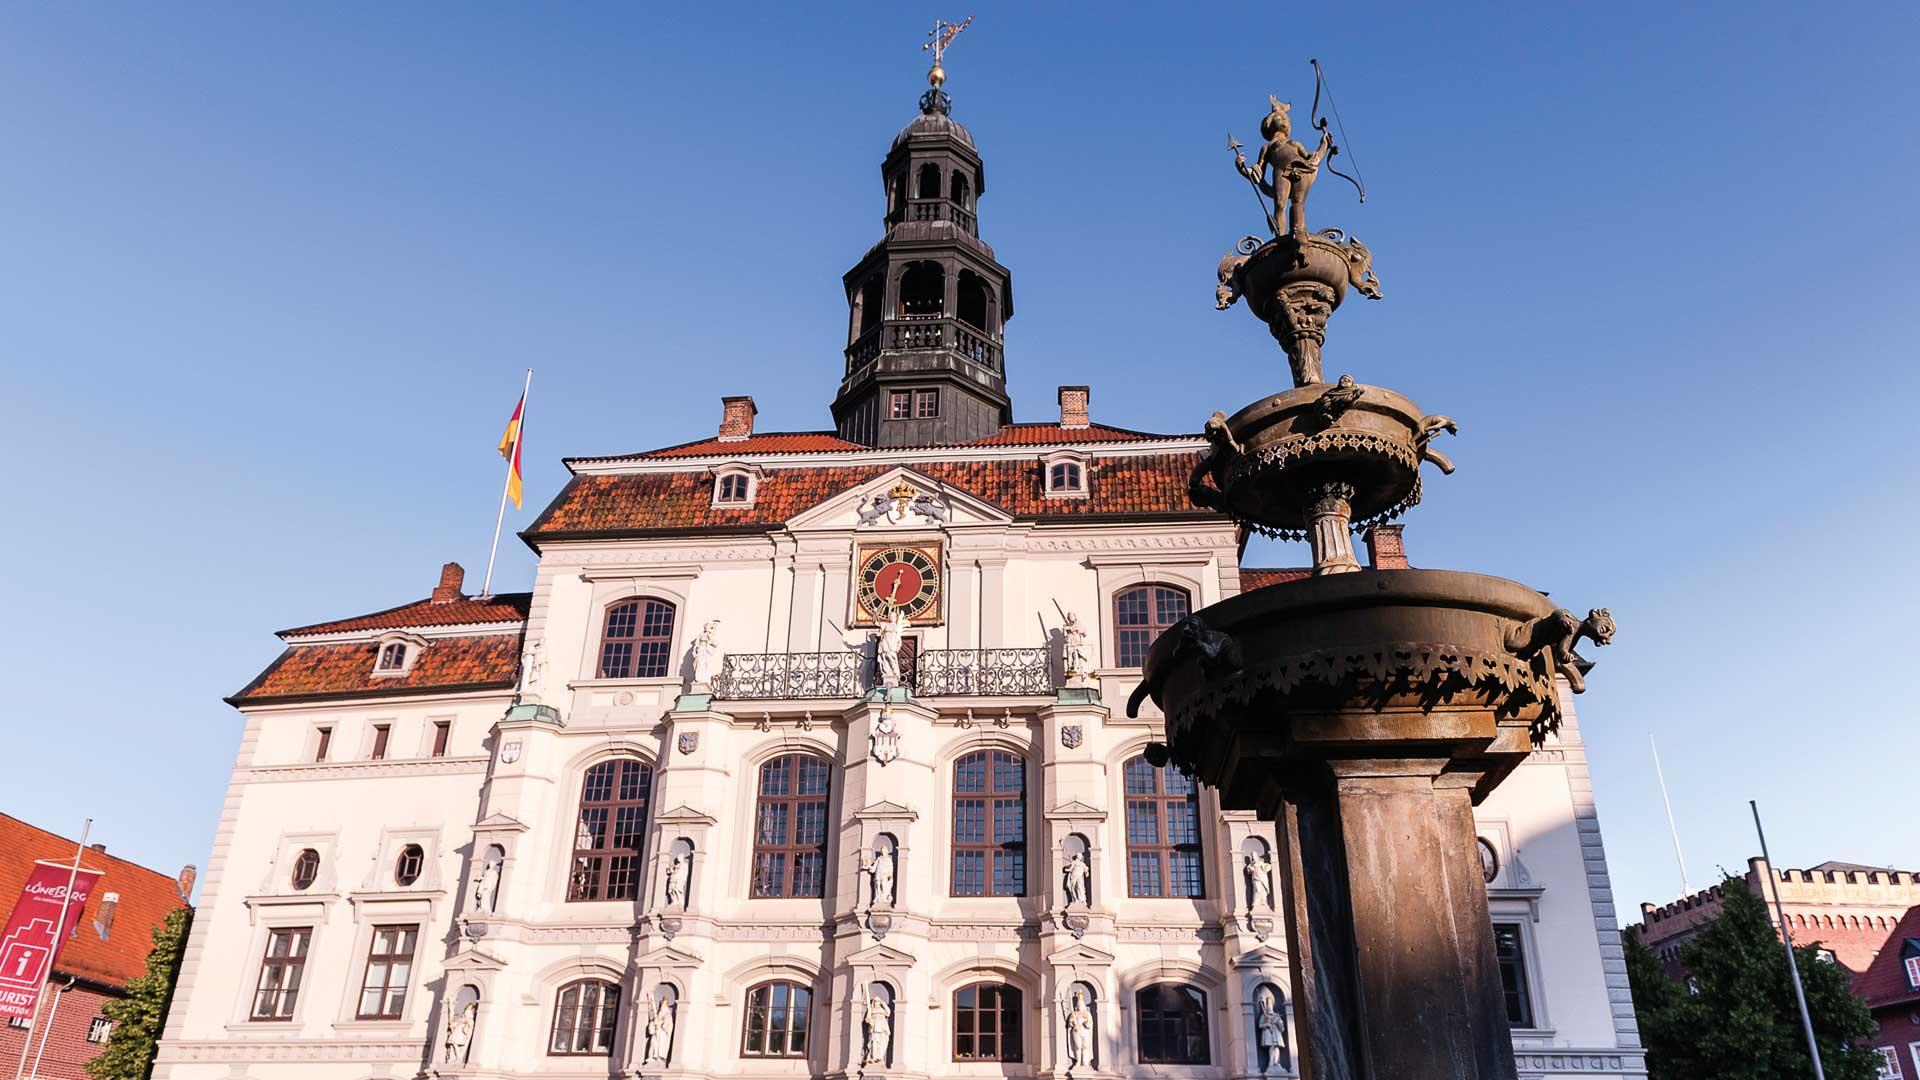 Het stadhuis van Lüneburg.